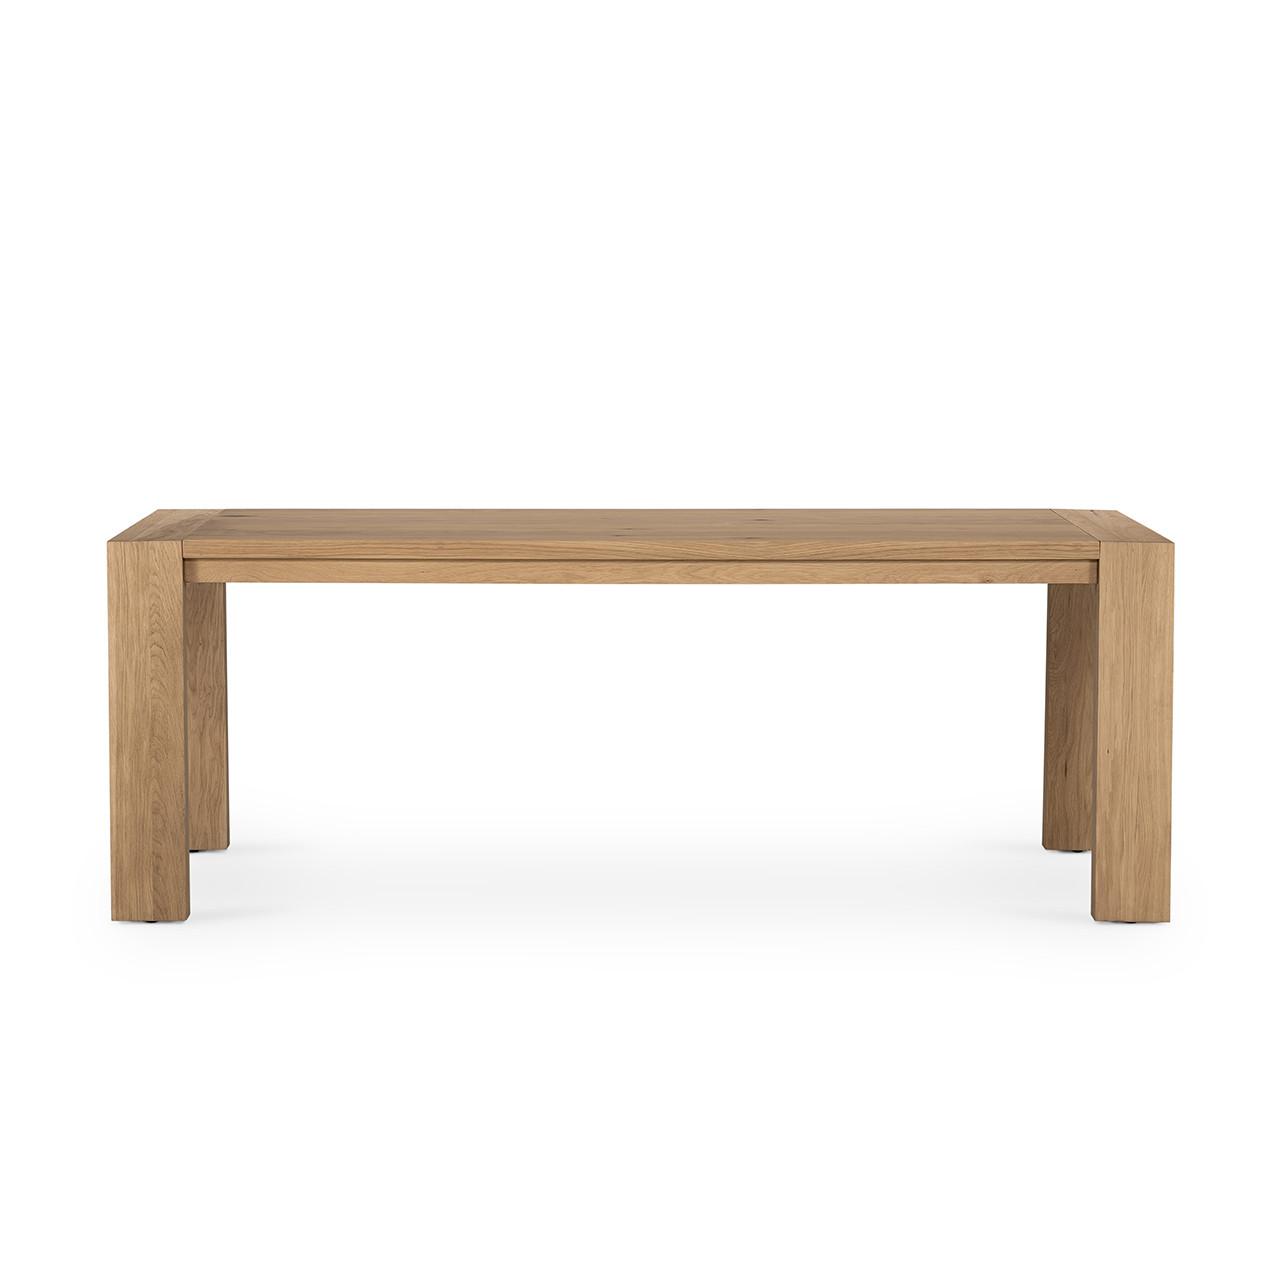 Capra Dining Table - Light Oak Resin